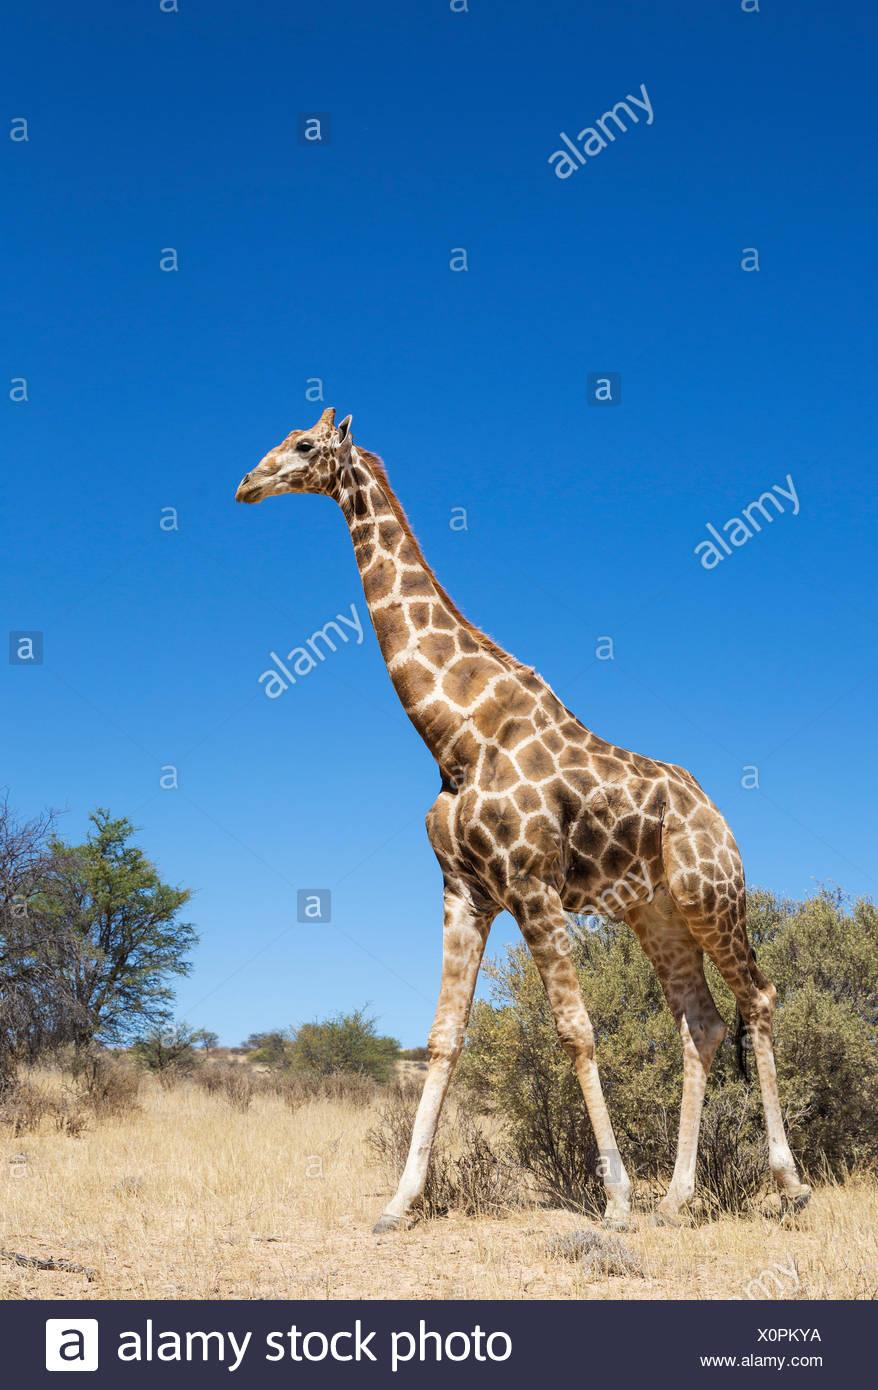 Jirafa (giraffa giraffa meridional), de edades comprendidas entre los hombres, el desierto de Kalahari, el parque transfronterizo Kgalagadi, Sudáfrica Imagen De Stock